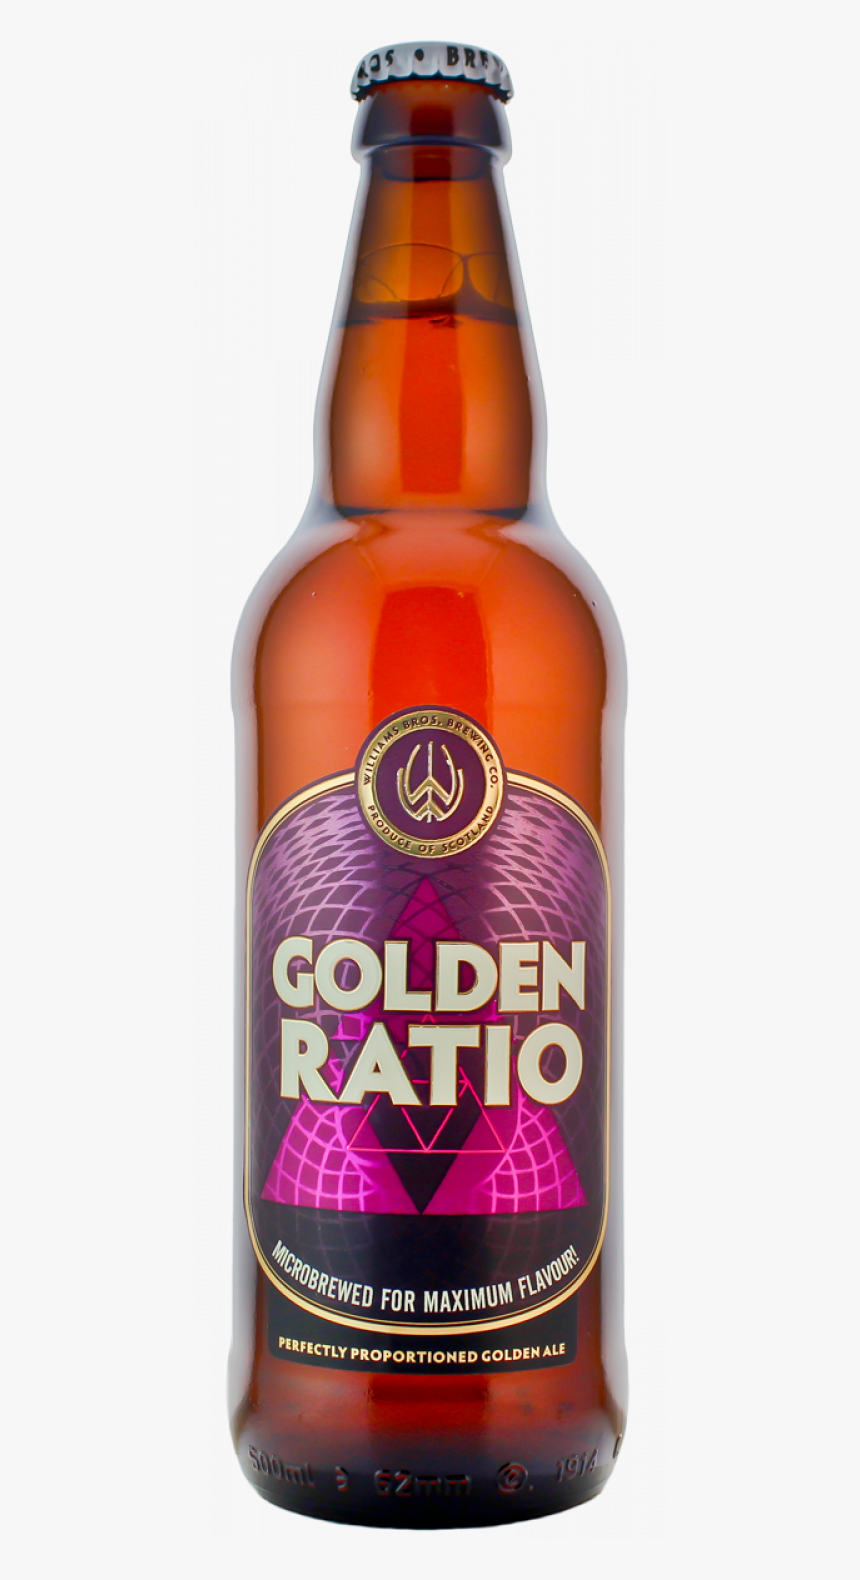 Golden Ratio - Golden Ratio Beer, HD Png Download, Free Download